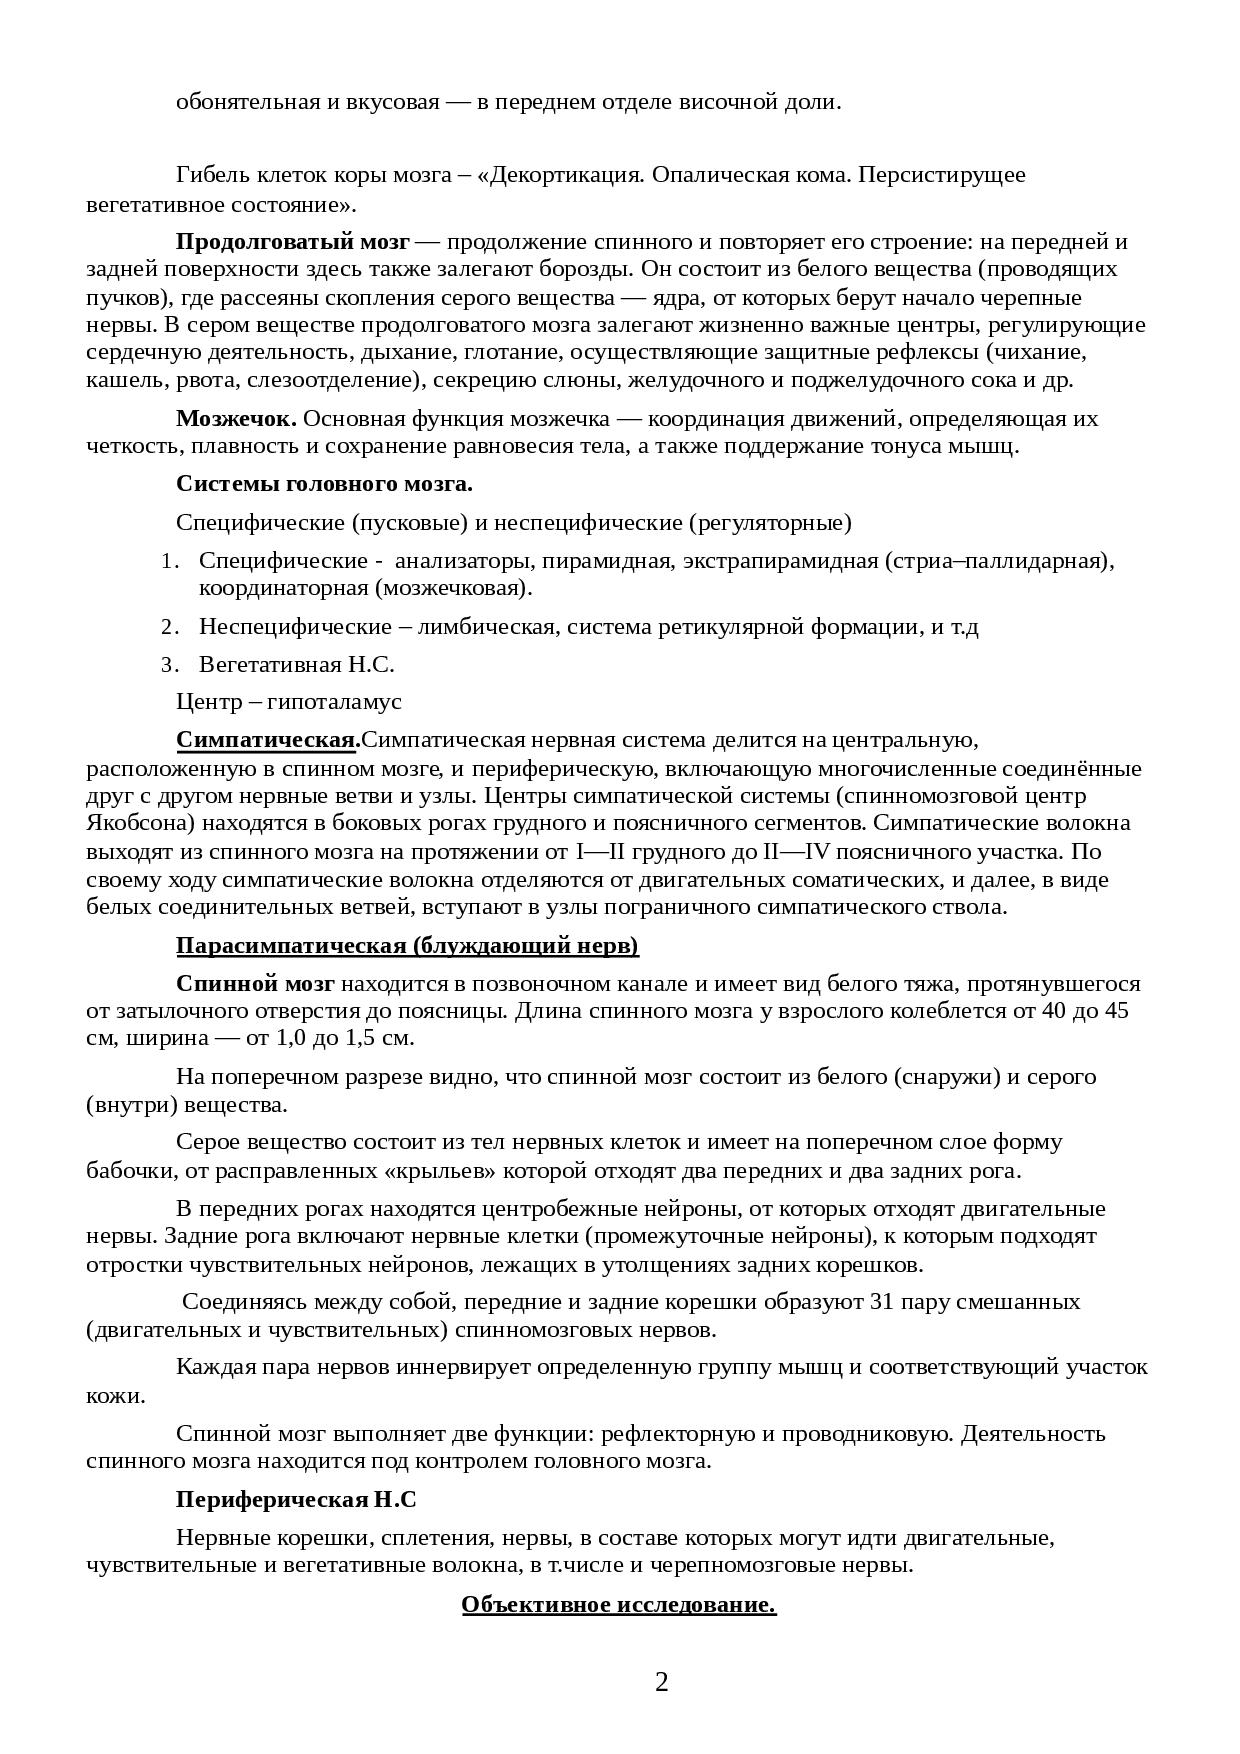 Характерные особенности проявления адиадохокинеза